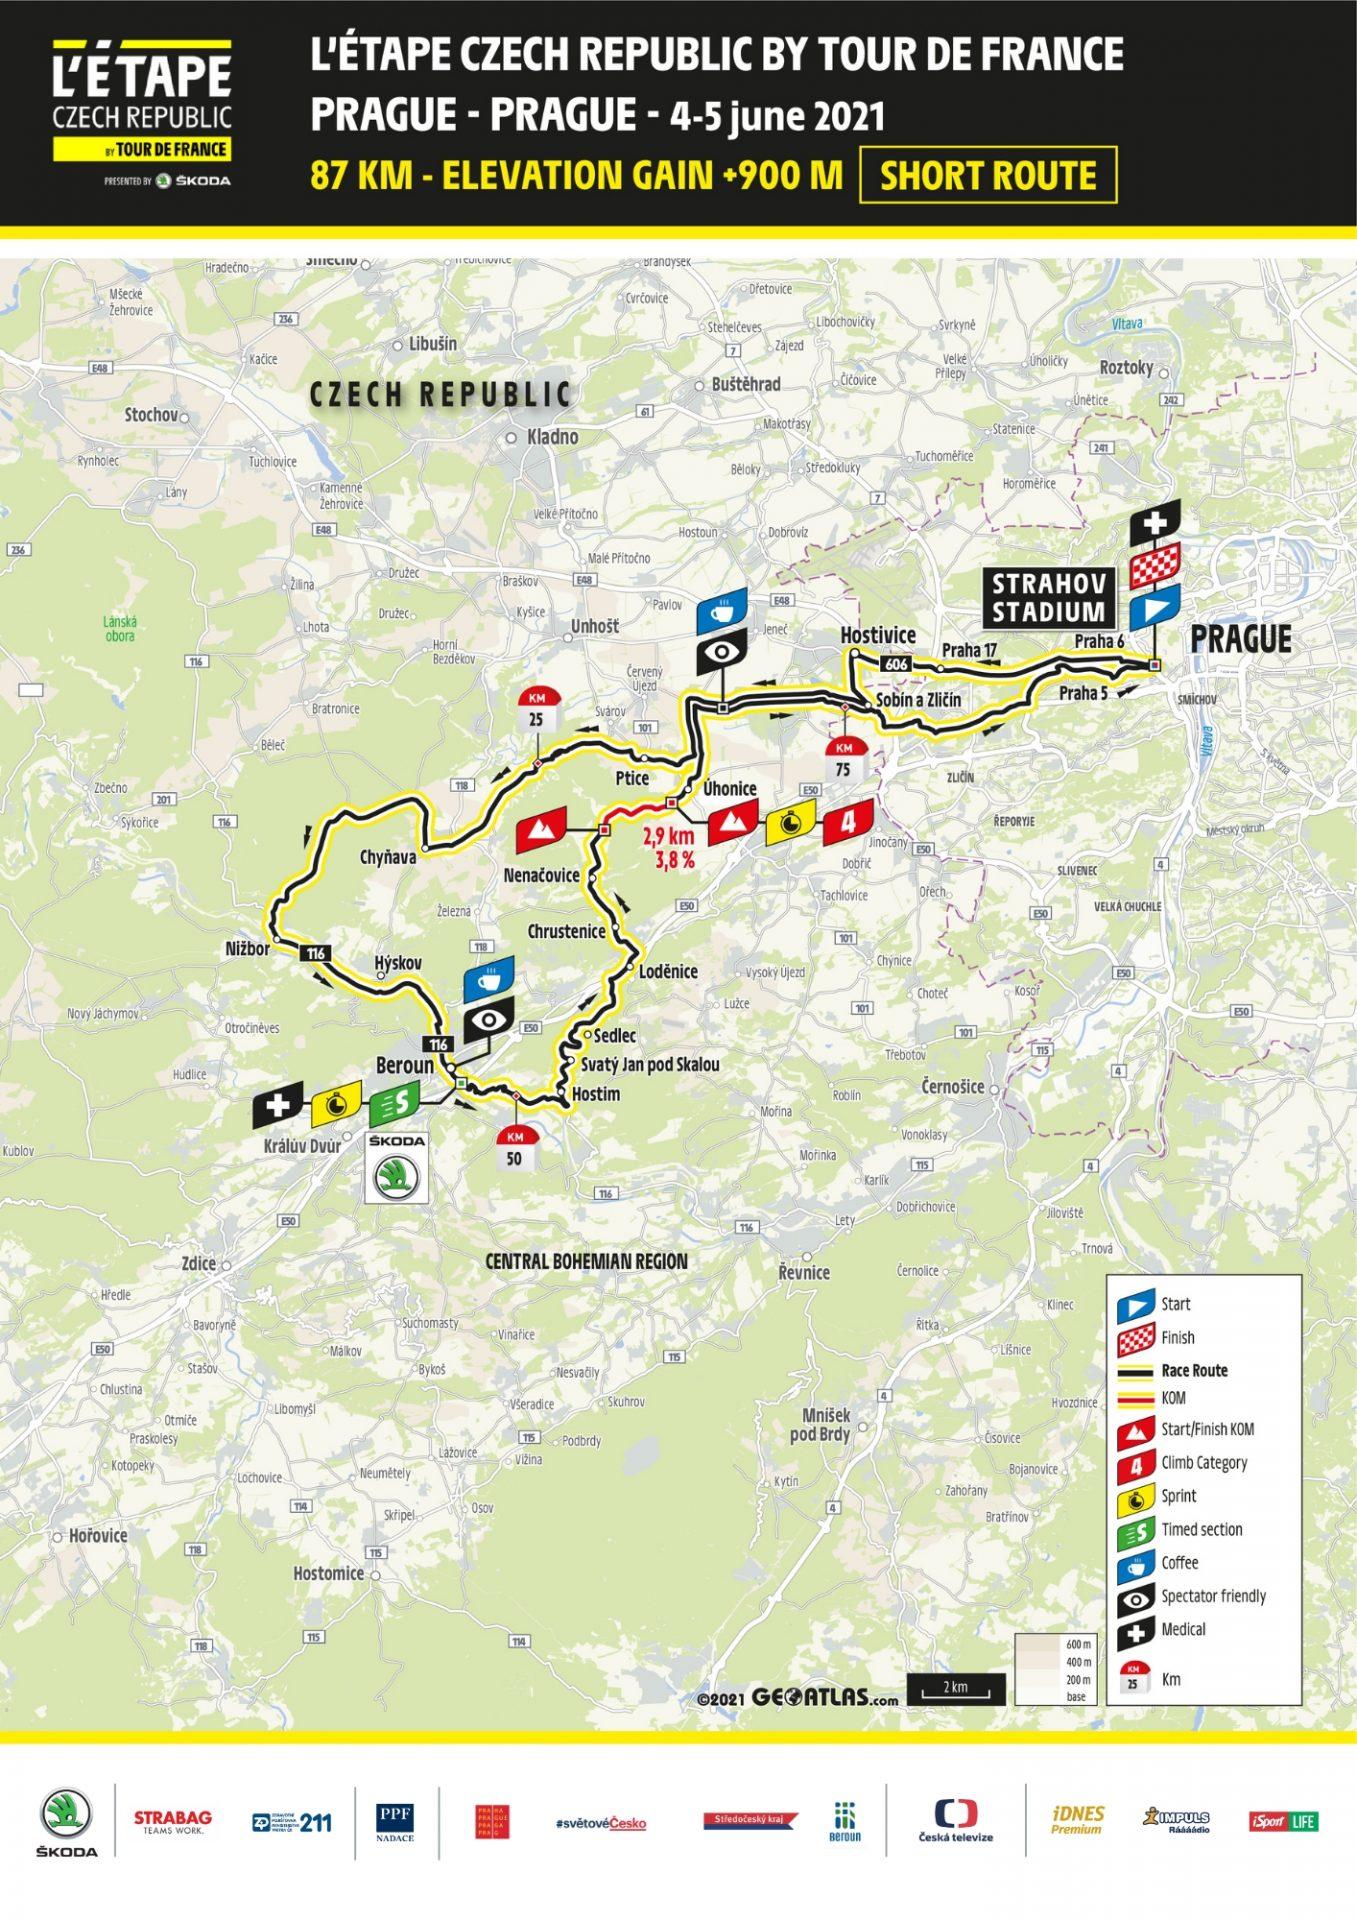 L'Etape Czech Republic by Tour de France v její krátké podobě.